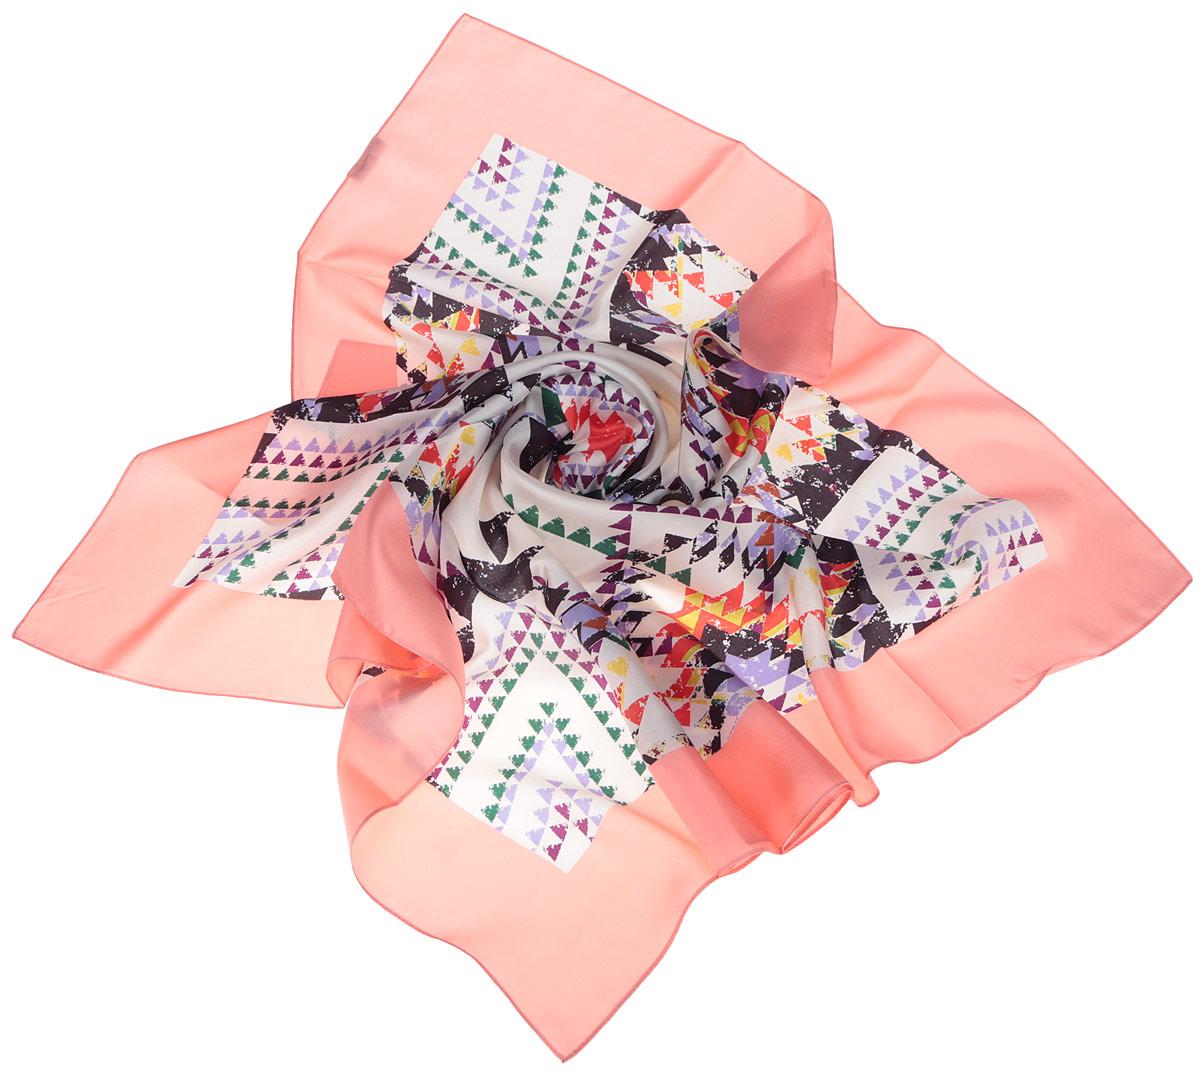 ПлатокCX1516-60-11Стильный женский платок Fabretti станет великолепным завершением любого наряда. Платок изготовлен из высококачественного шелка и оформлен изысканным геометрическим орнаментом. Классическая квадратная форма позволяет носить платок на шее, украшать им прическу или декорировать сумочку. Мягкий и шелковистый платок поможет вам создать изысканный женственный образ, а также согреет в непогоду. Такой платок превосходно дополнит любой наряд и подчеркнет ваш неповторимый вкус и элегантность.